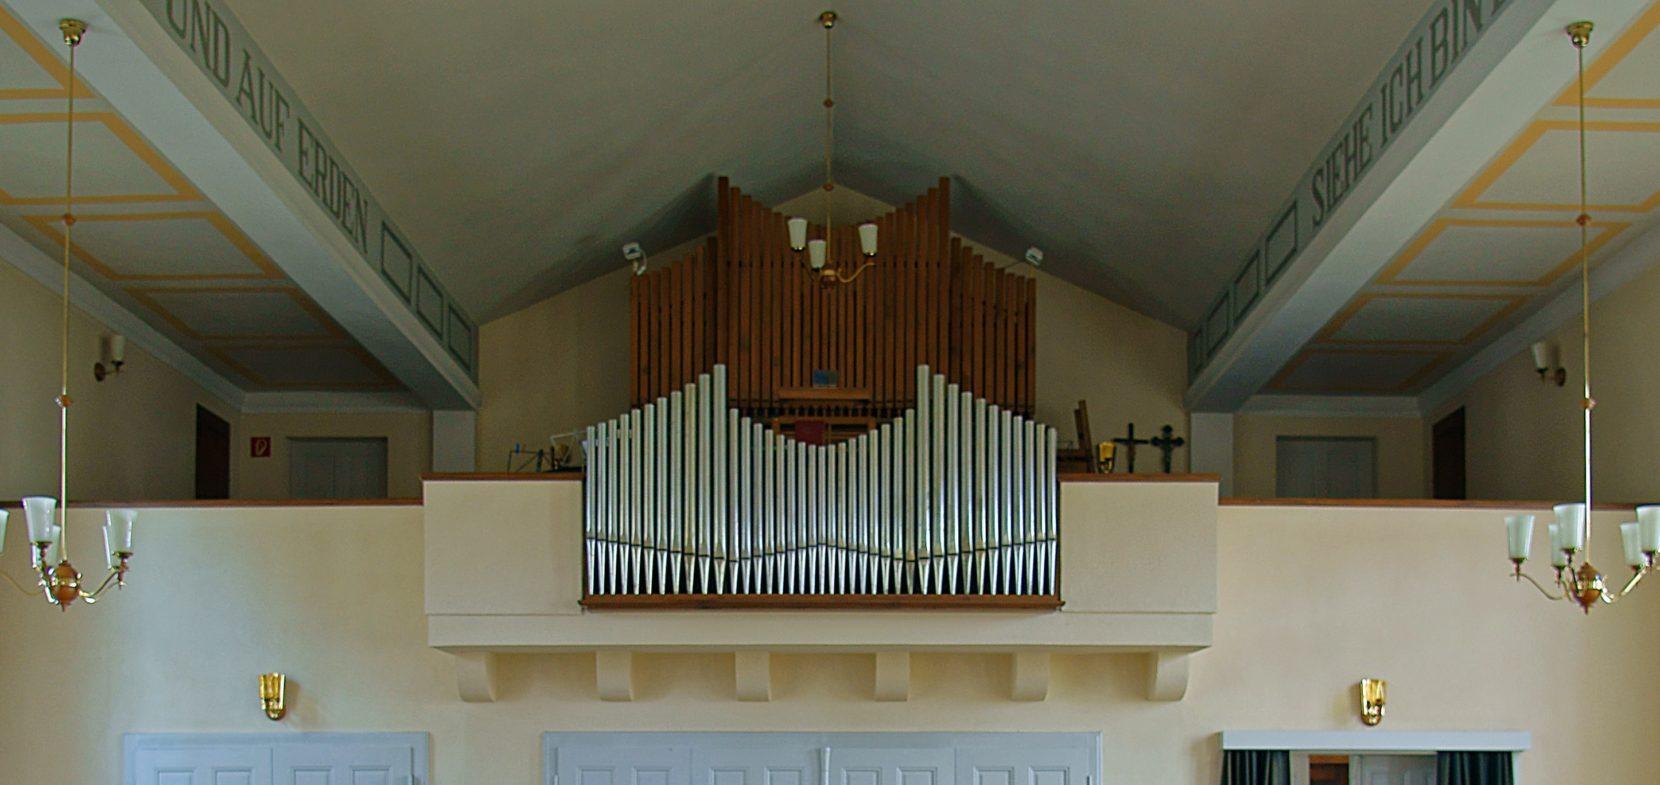 Ev.-Luth. Kirchgemeinde Demitz-Thumitz